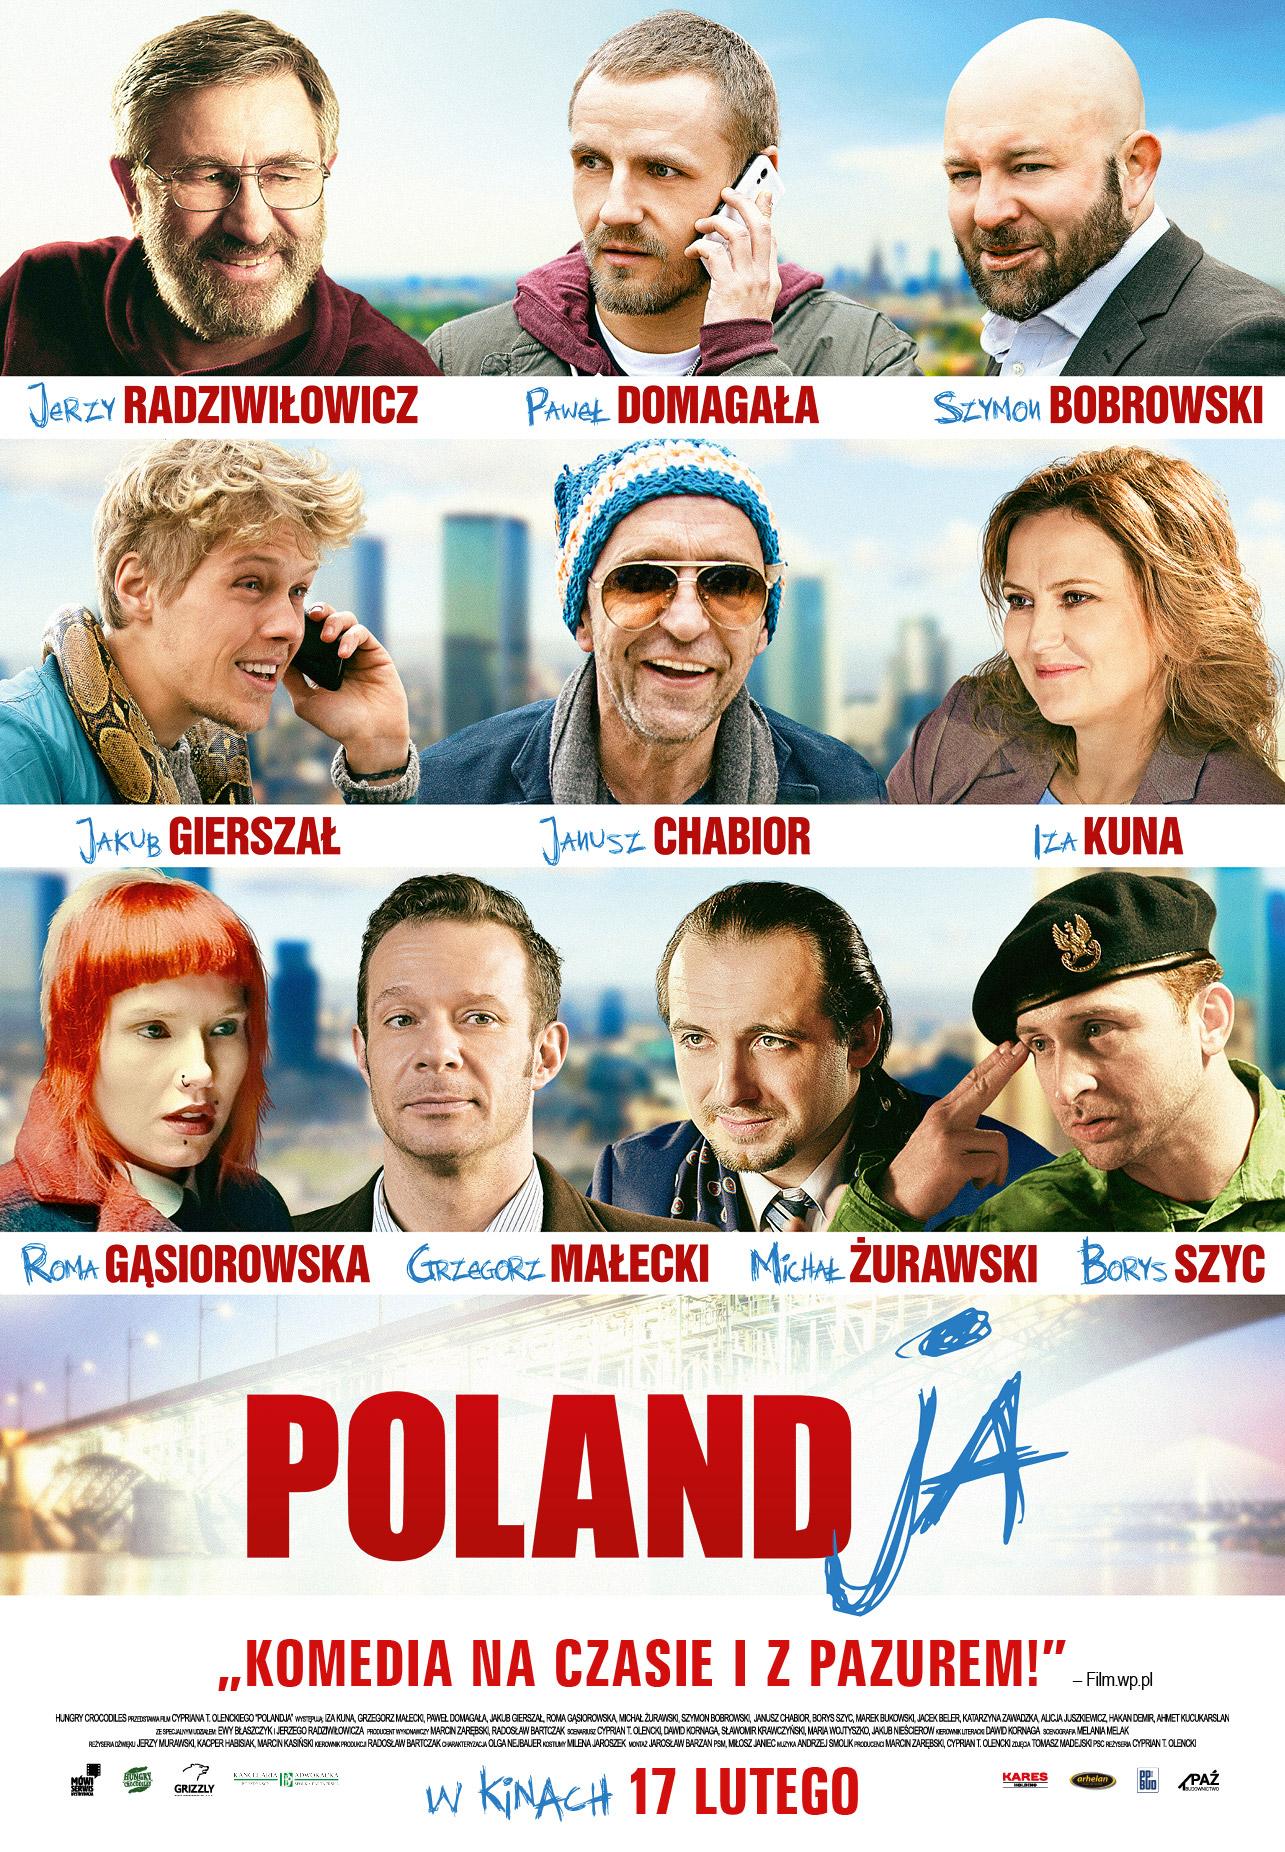 PolandJa_plakat_ost